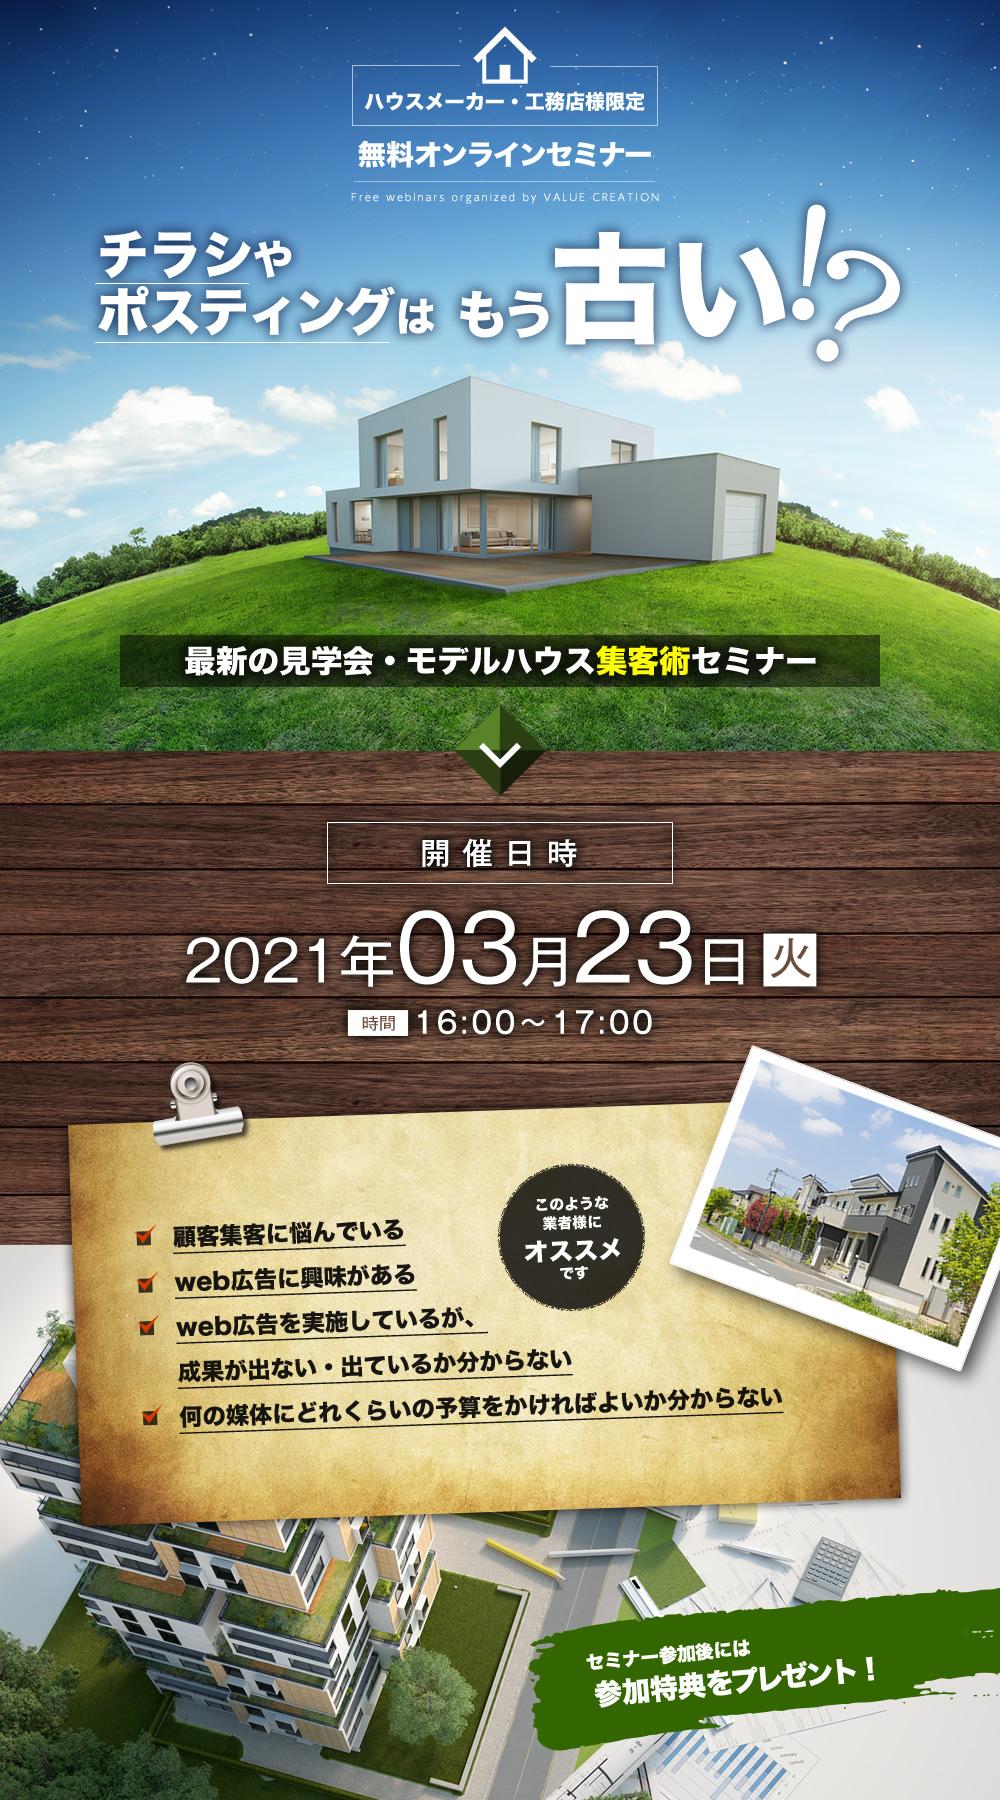 【最新の見学会・モデルハウス集客術】  チラシやポスティングはもう古い!?